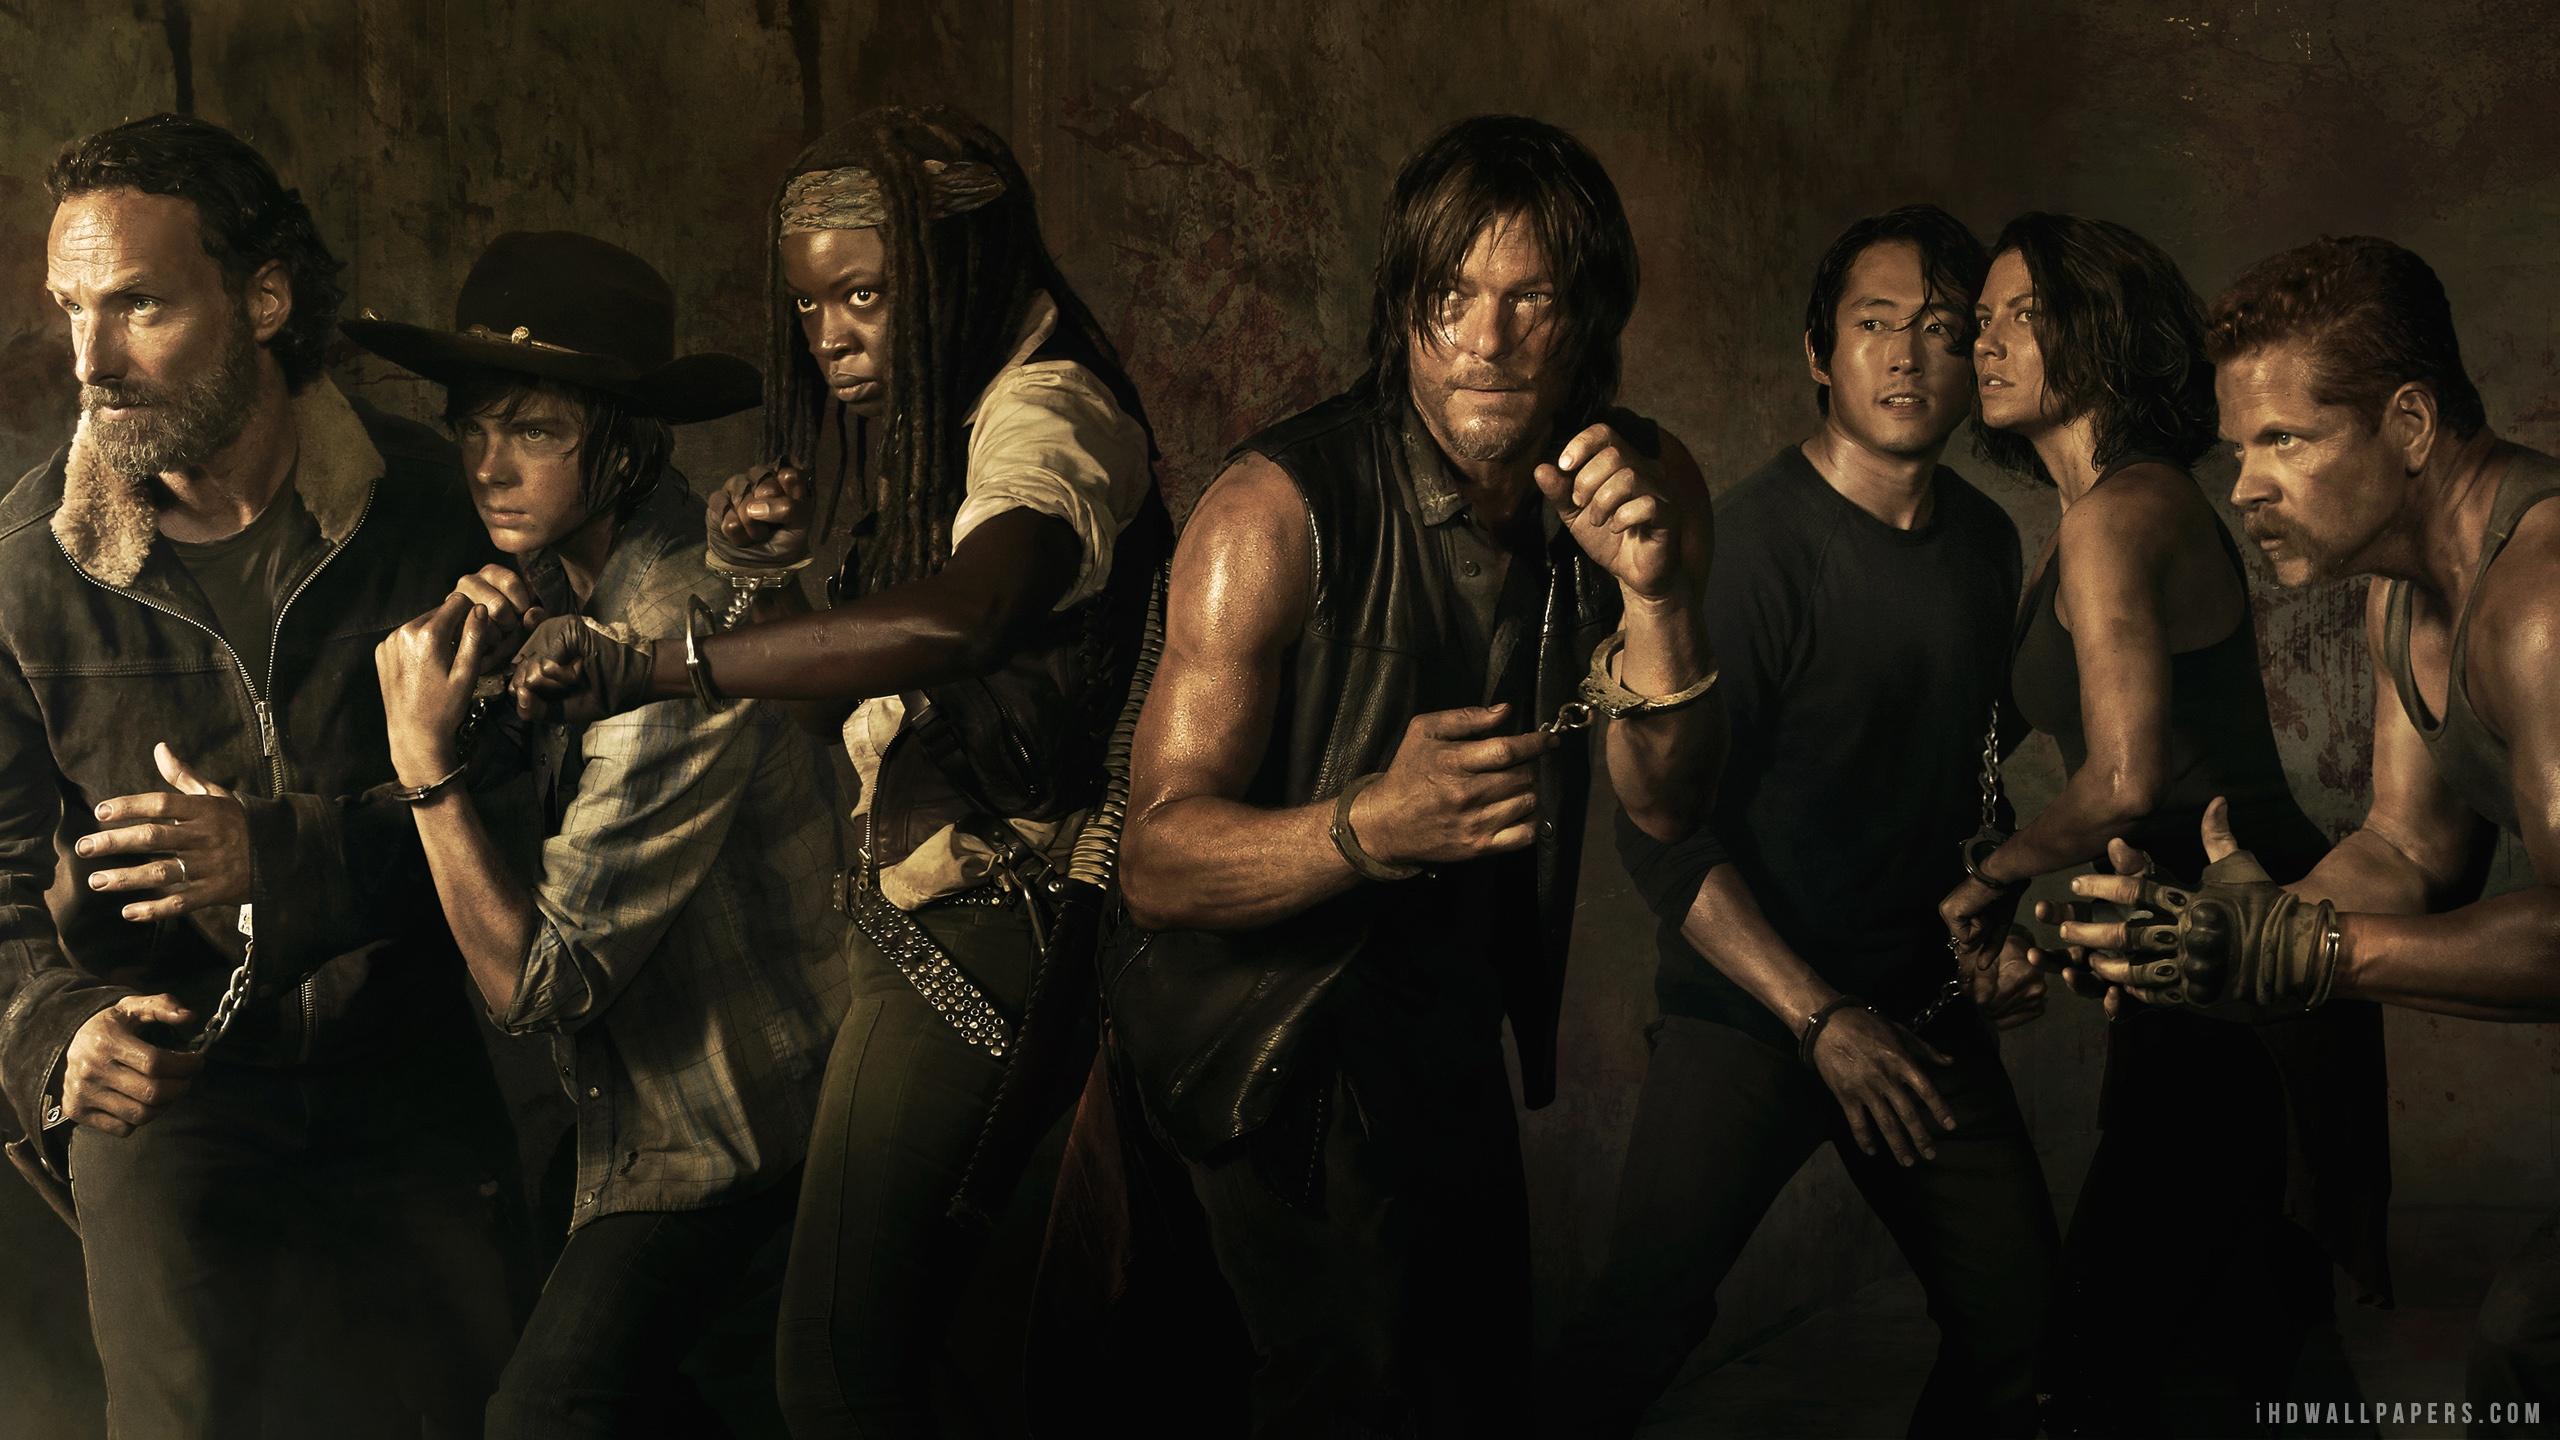 The Walking Dead Season Rick Hd Wallpaper Ihd Wallpapers 2560x1440